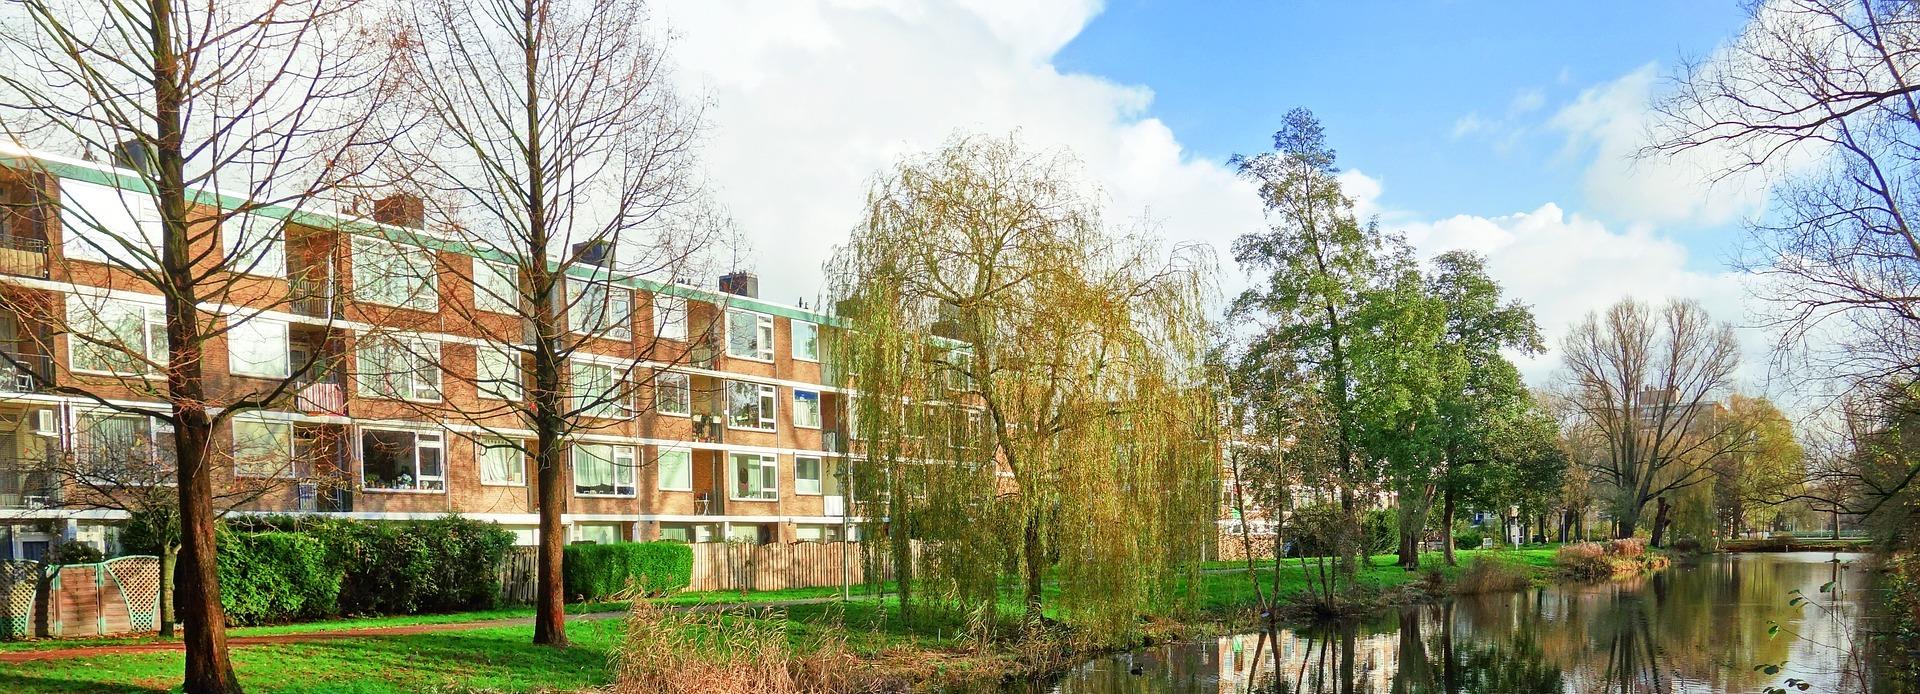 Snel Verhuurd Appartement Verkopen in Capelle aan den IJssel